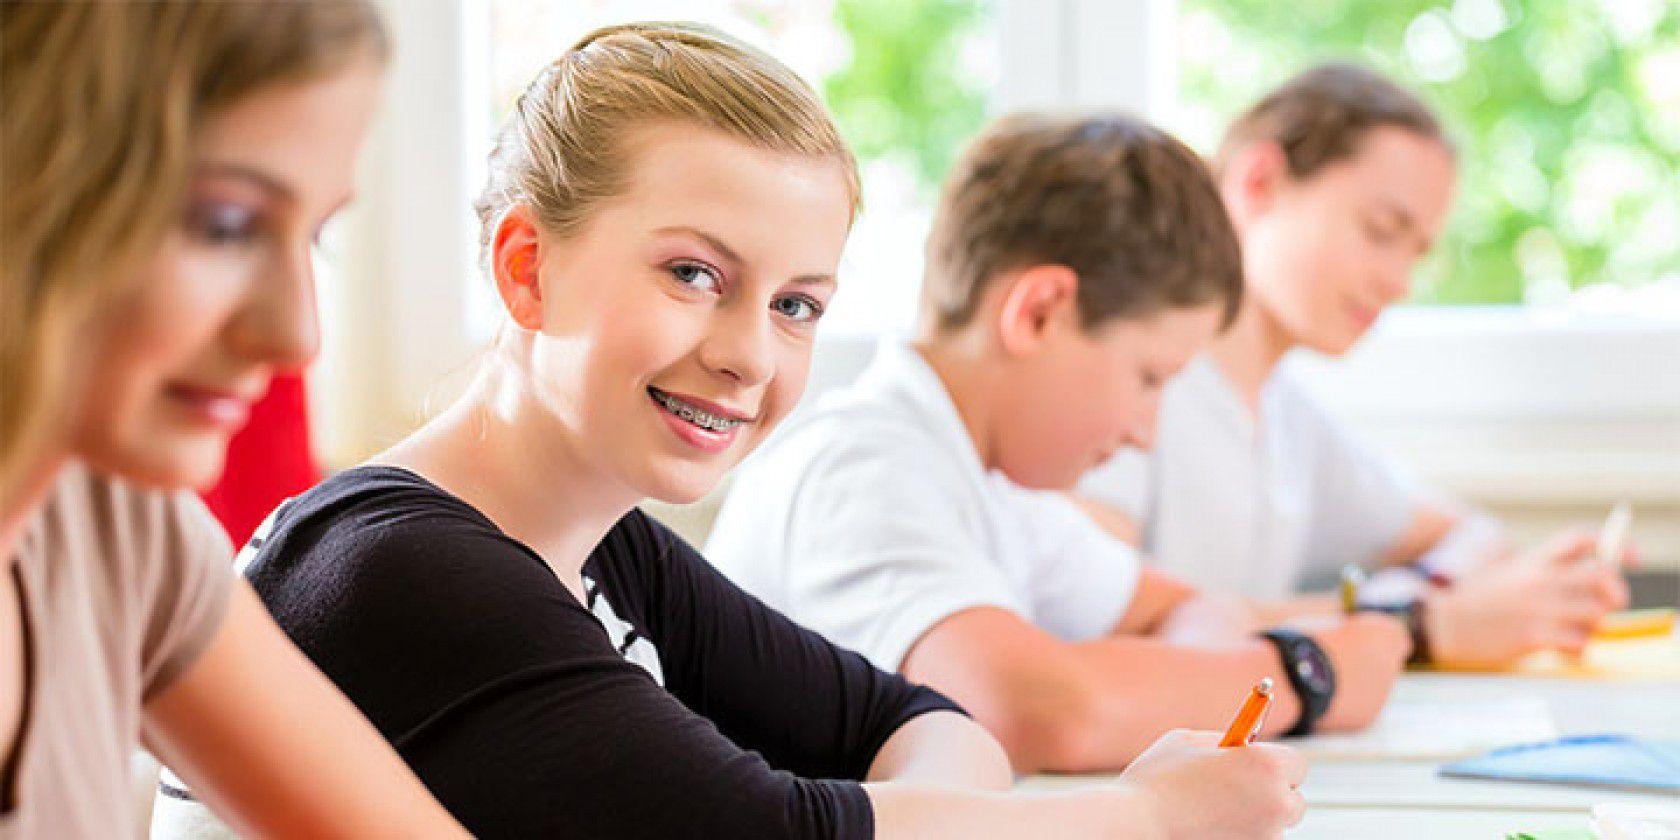 Amerika Lise Eğitimi için Gerekli Evraklar